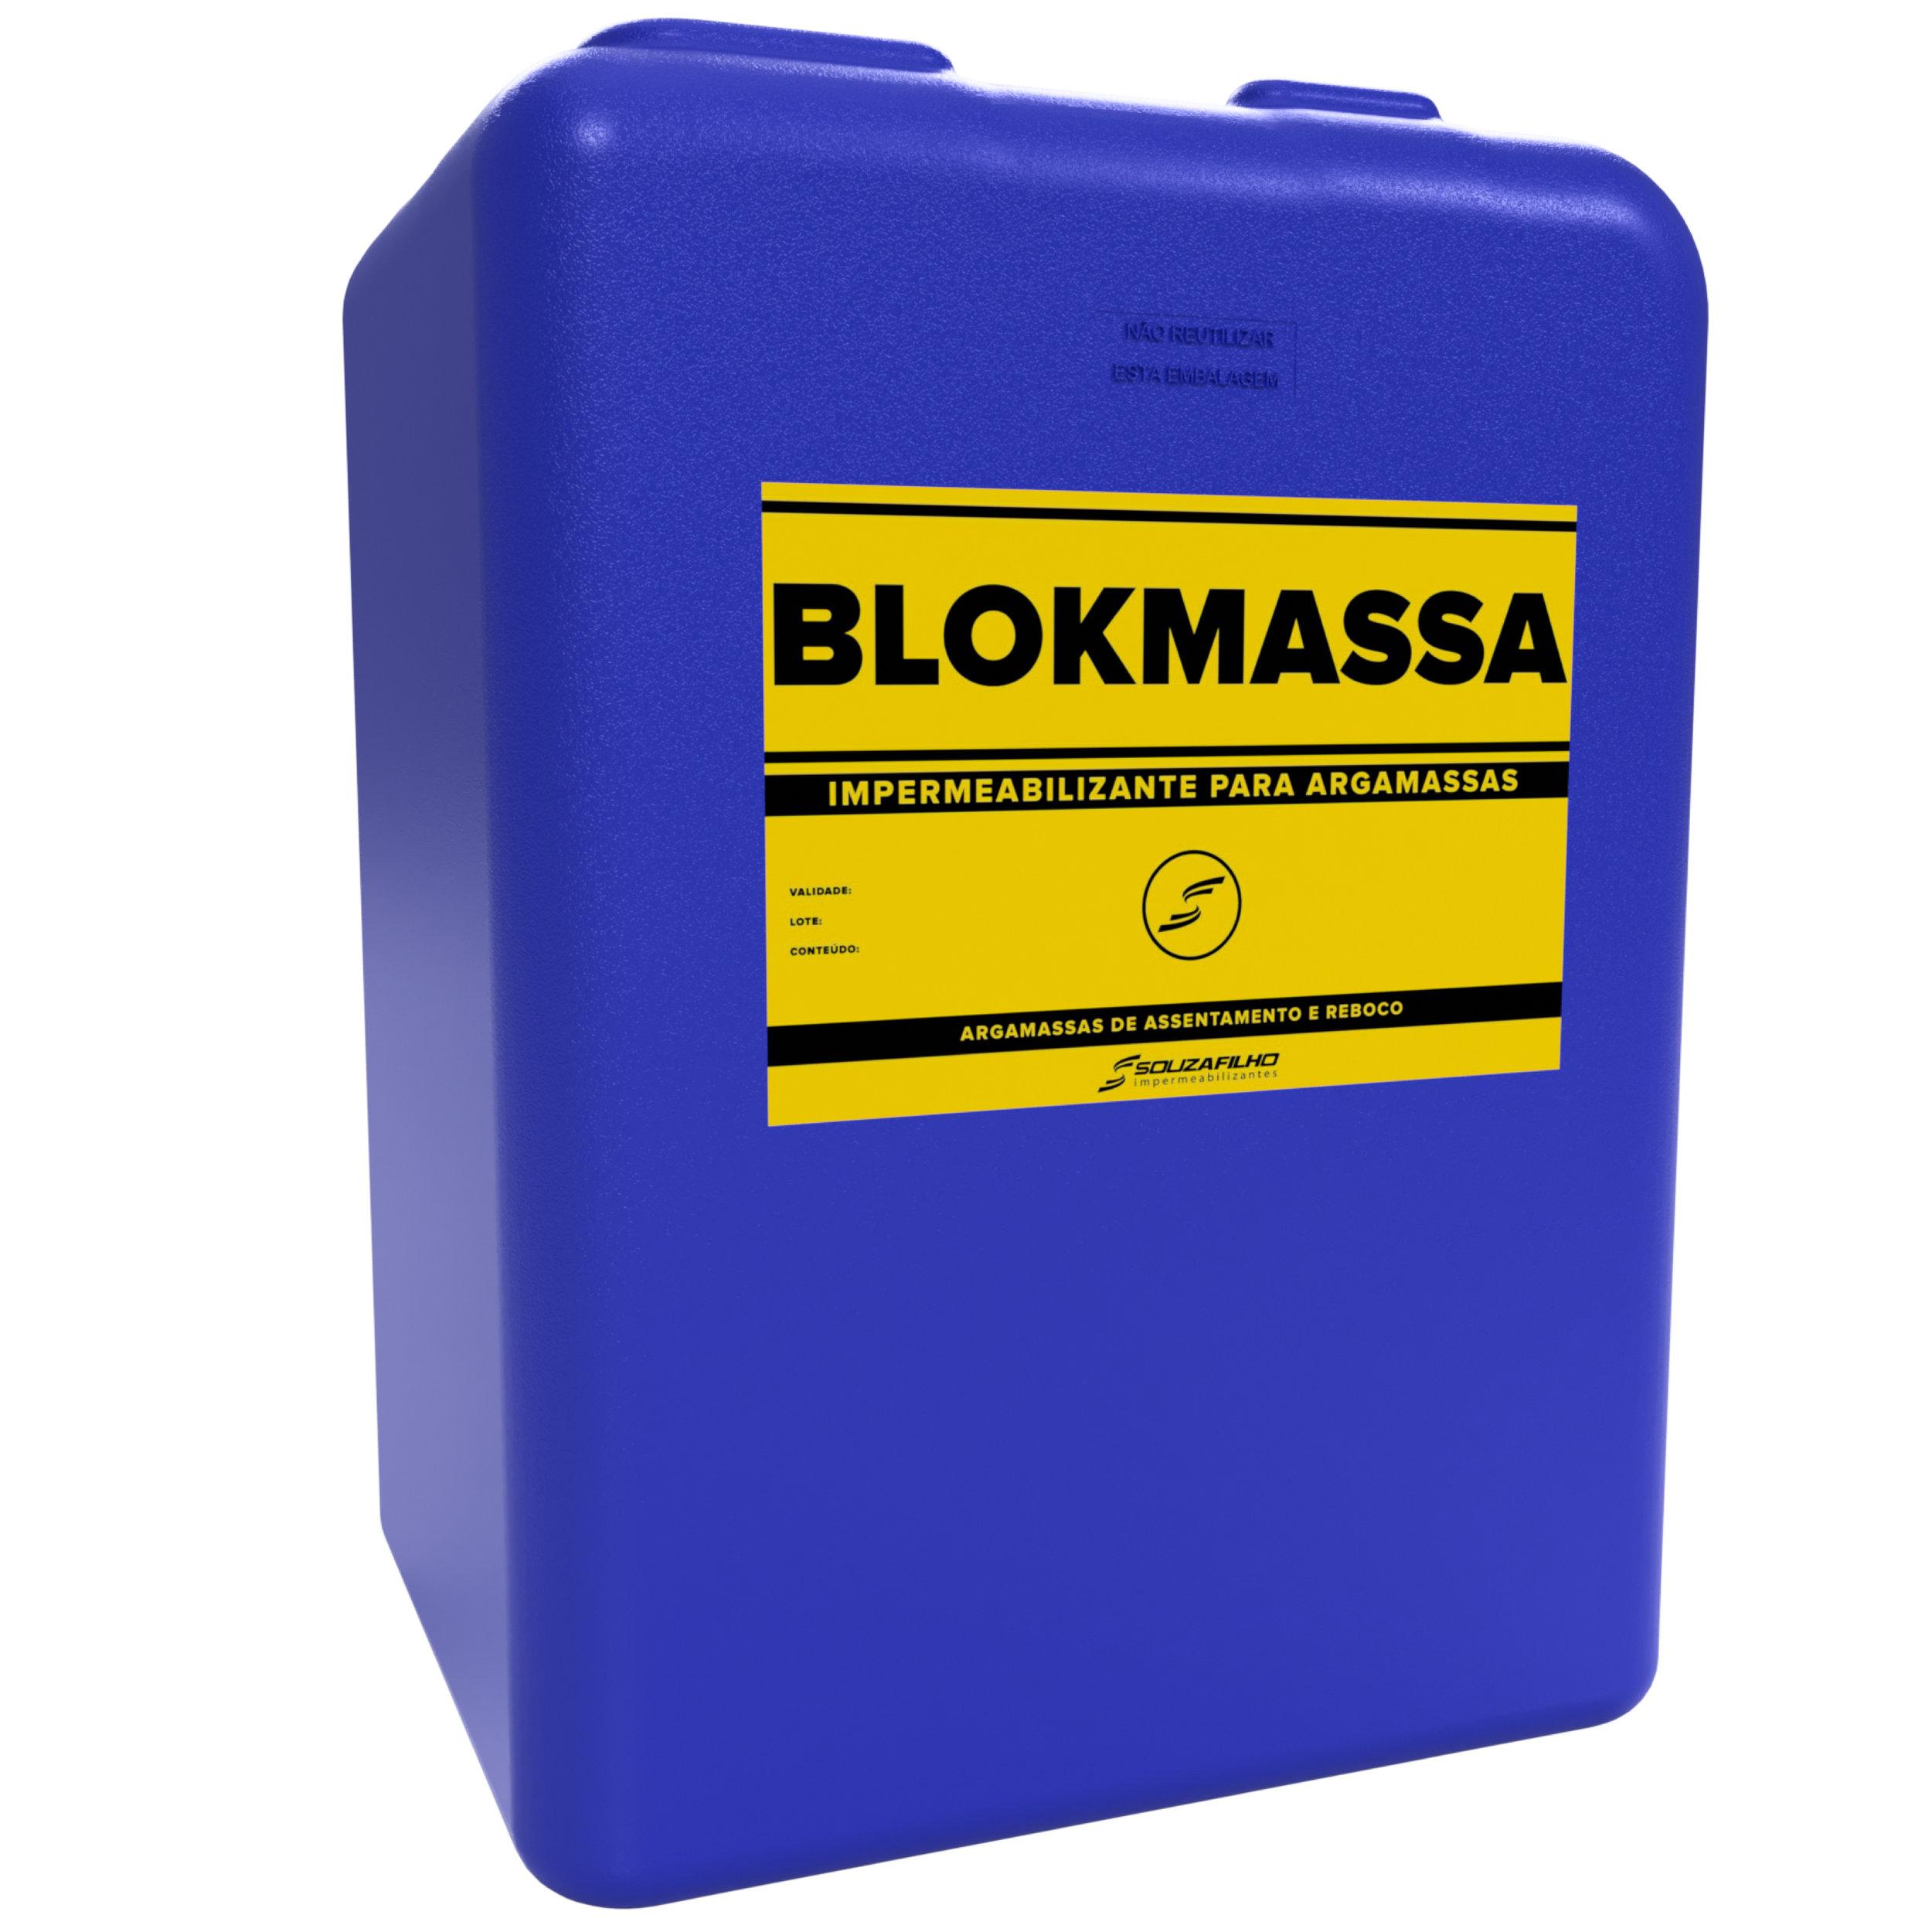 Impermeabilizante para argamassas   EMBALAGEM:  20 Litros   RENDIMENTO: 2 litros por saco de 50 Kg de cimento CP II E-32 ou 40 Kg de cimento CP V.   UTILIZE DURANTE: Argamassa de assentamento de muros e argamassa de reboco